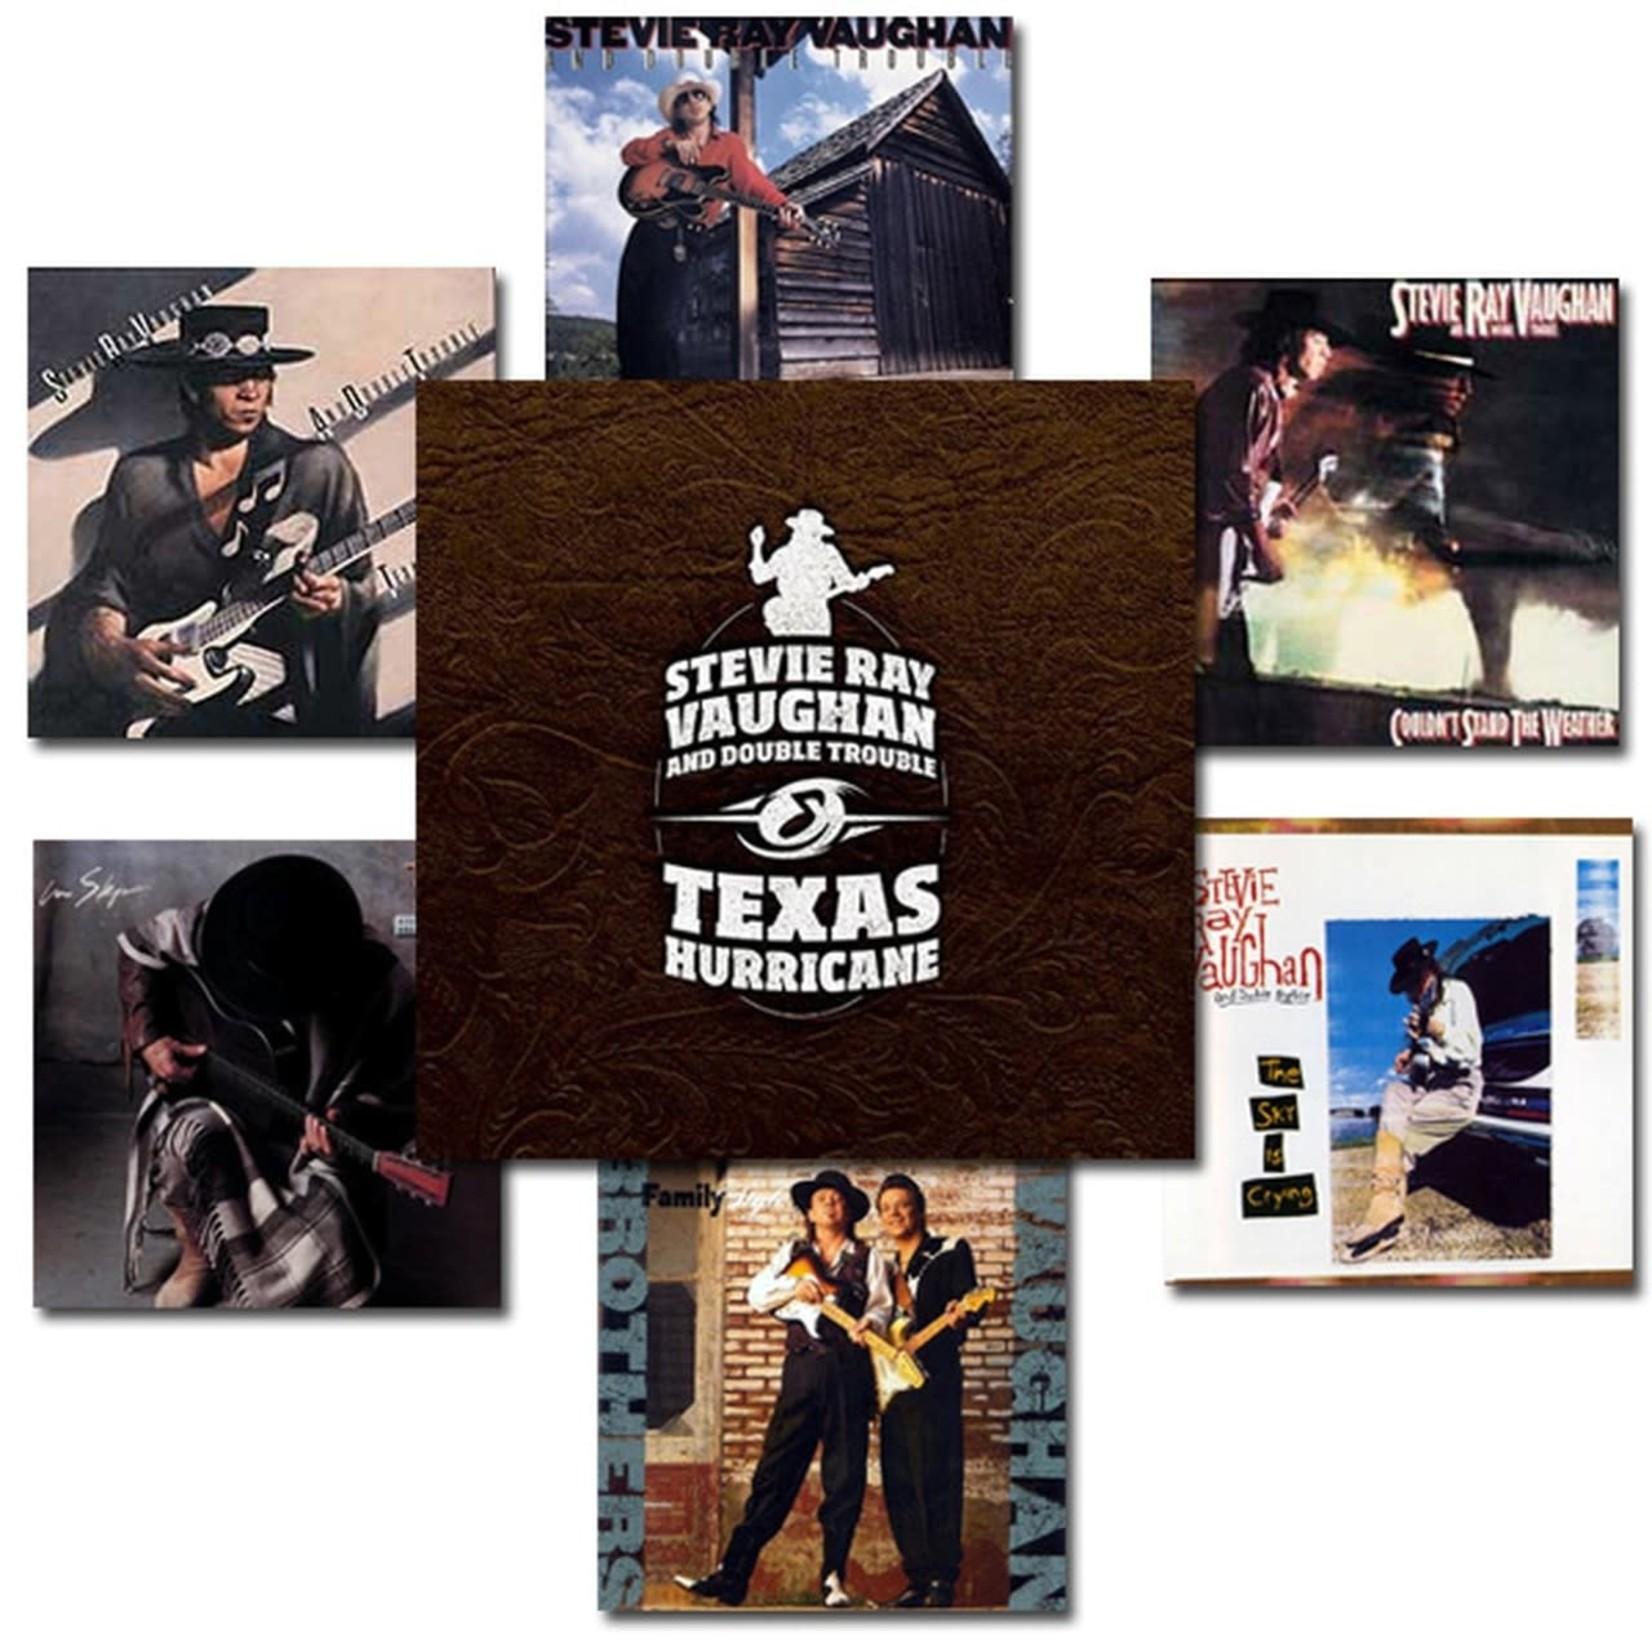 Vinyl Stevie Ray Vaughan - Texas Hurricane Vinyl Boxset